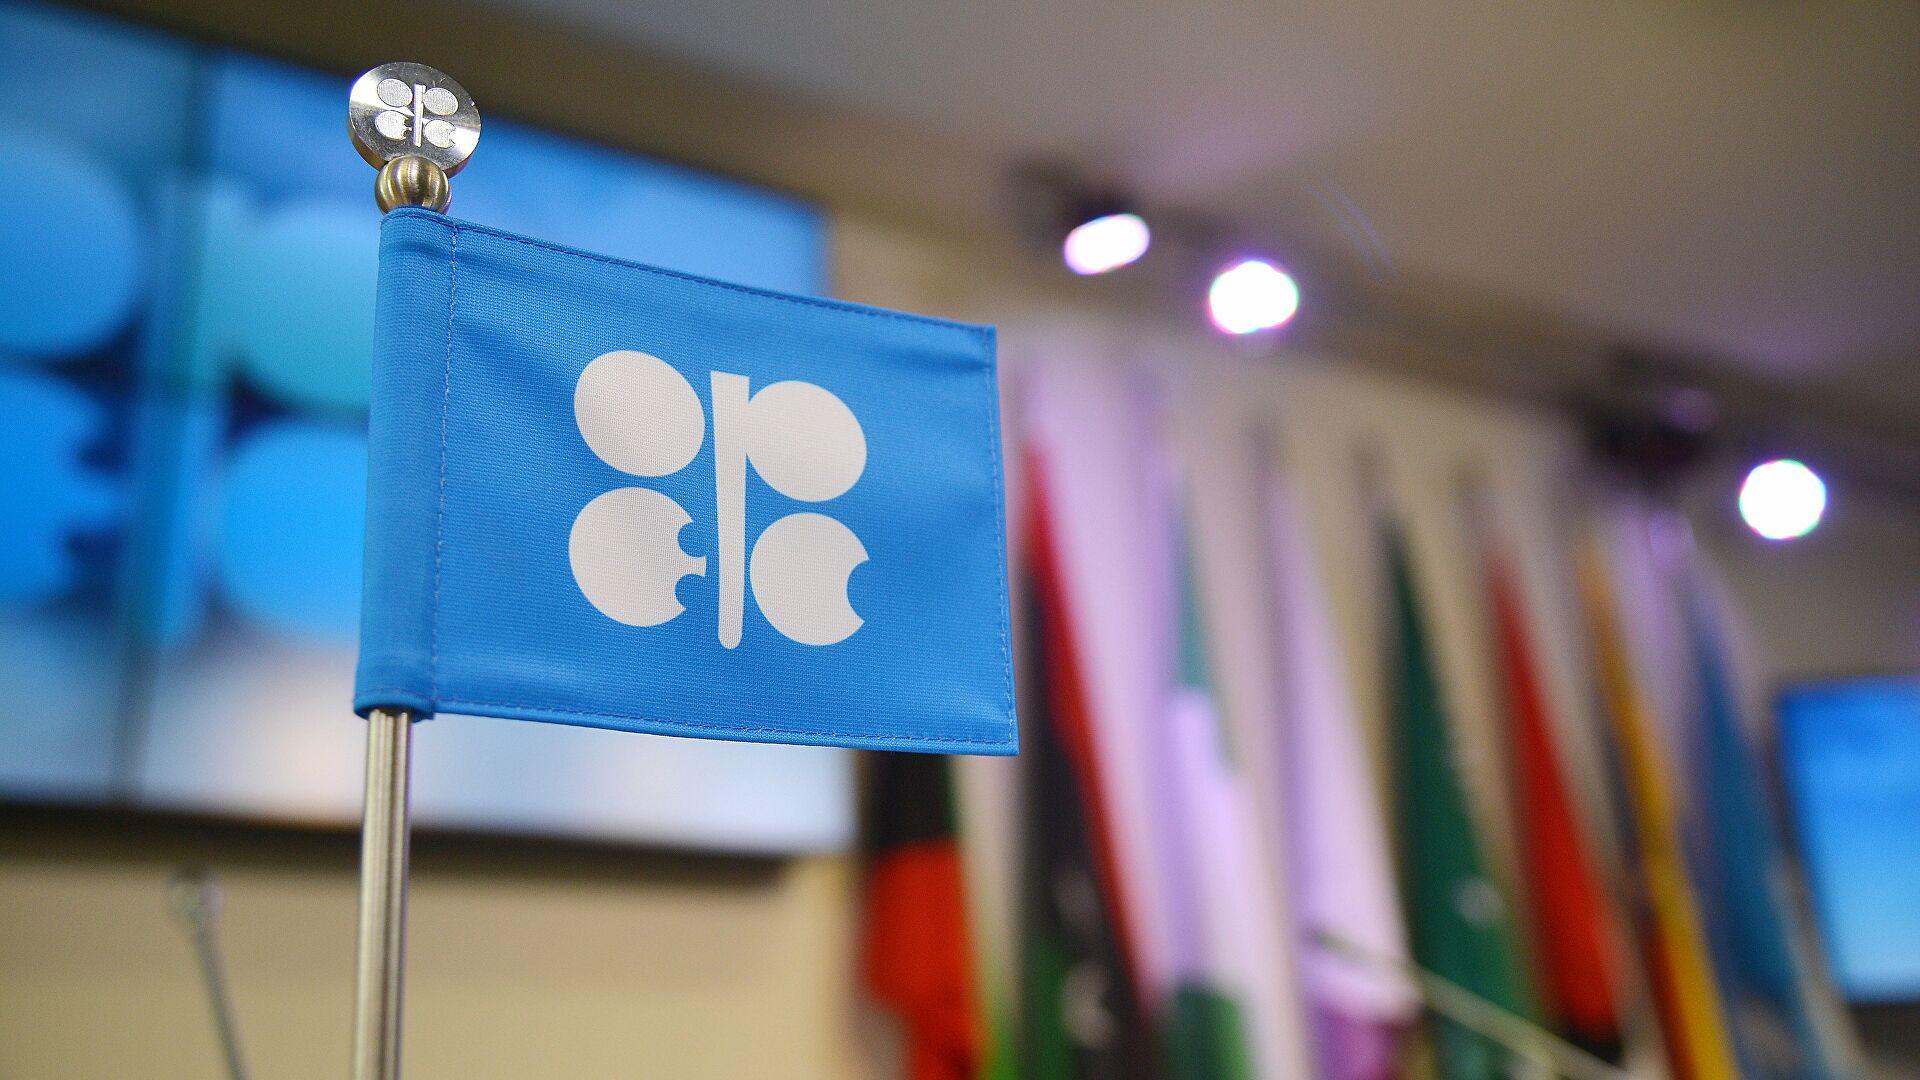 ОПЕК+ в апреле выполнил сделку о сокращении добычи нефти на 114%